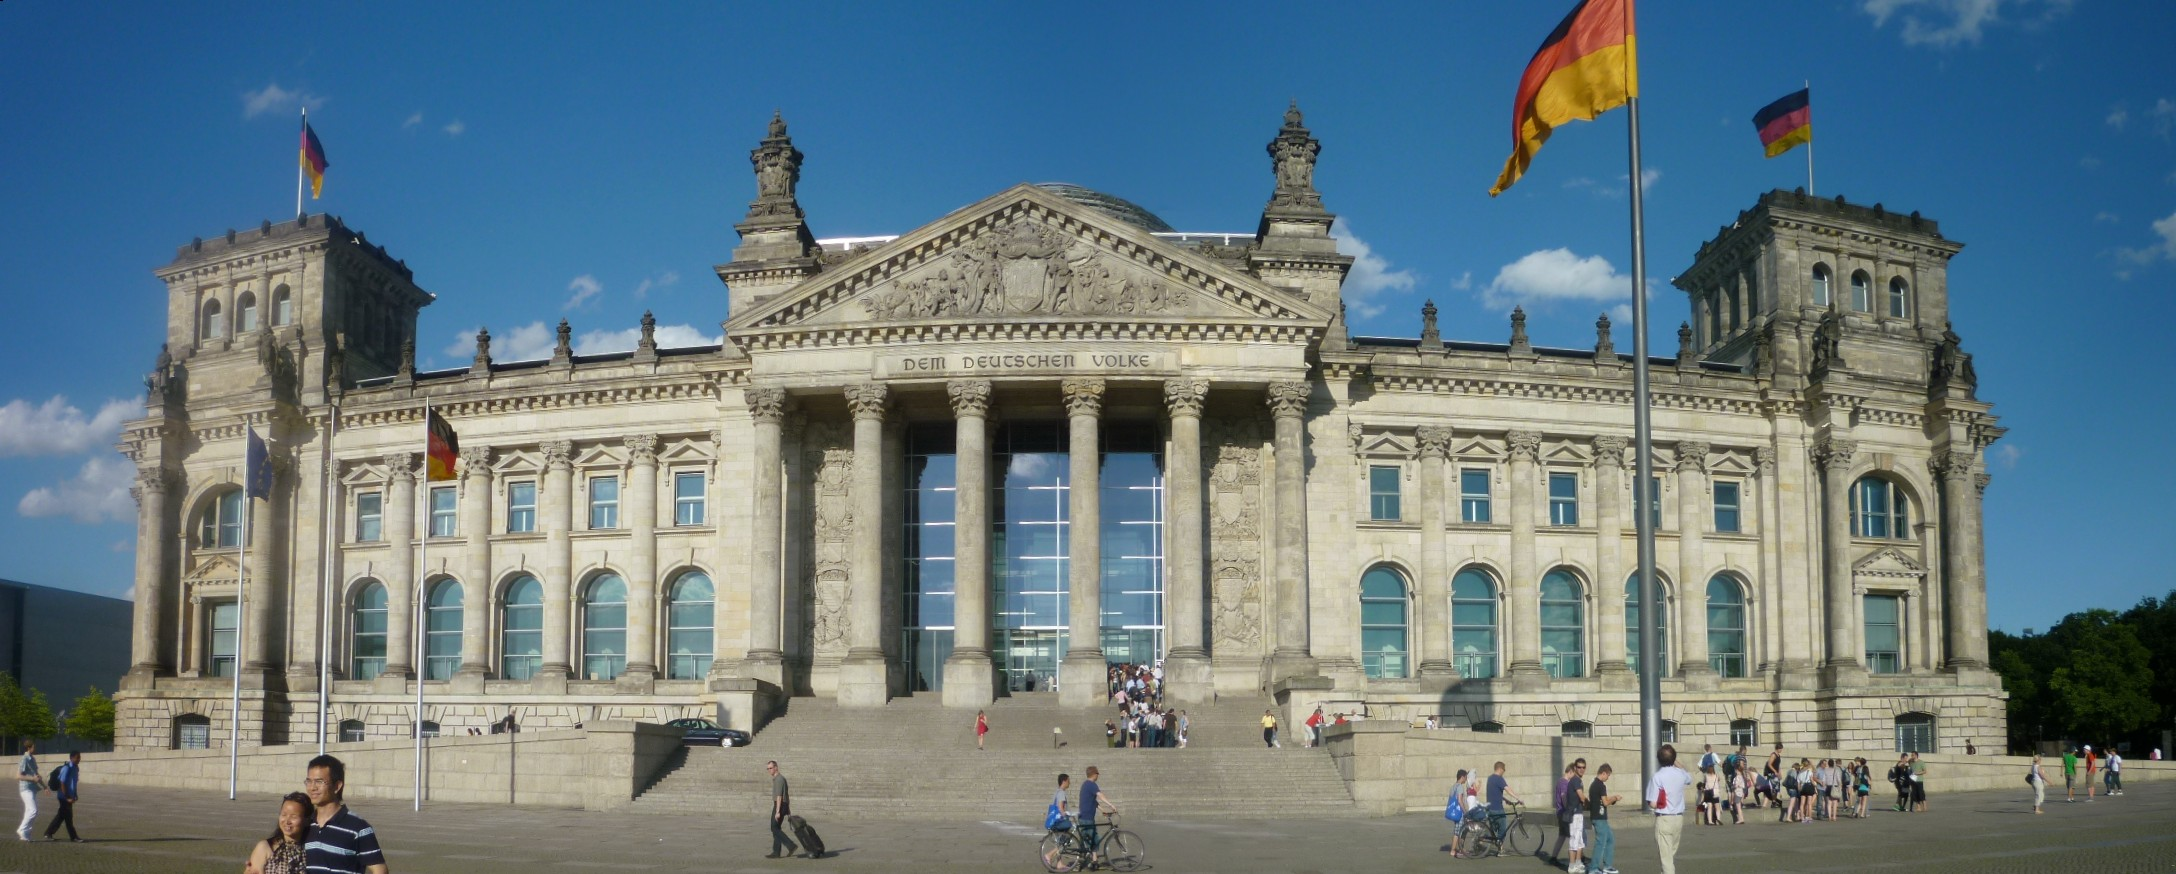 Datei:FW Reichstagsgebäude.JPG – Wikipedia  Datei:FW Reichs...